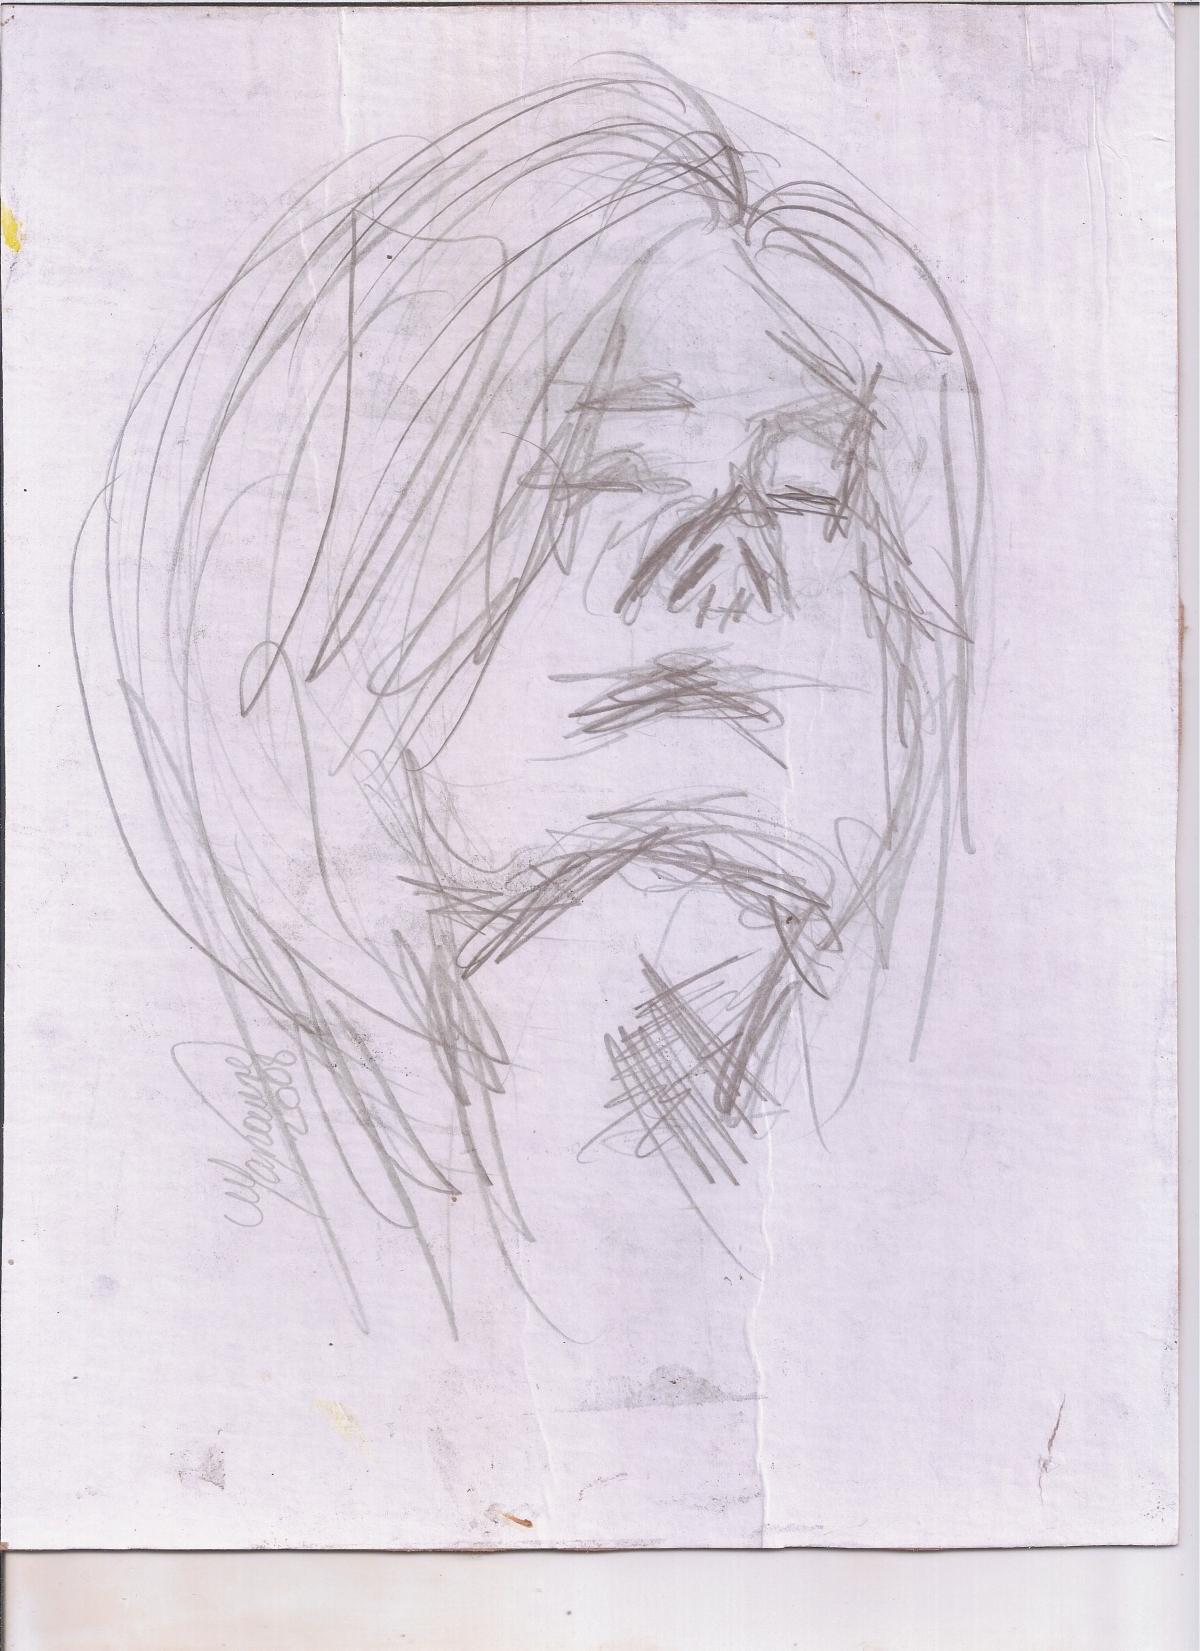 Abstracción del rostro Humano #30